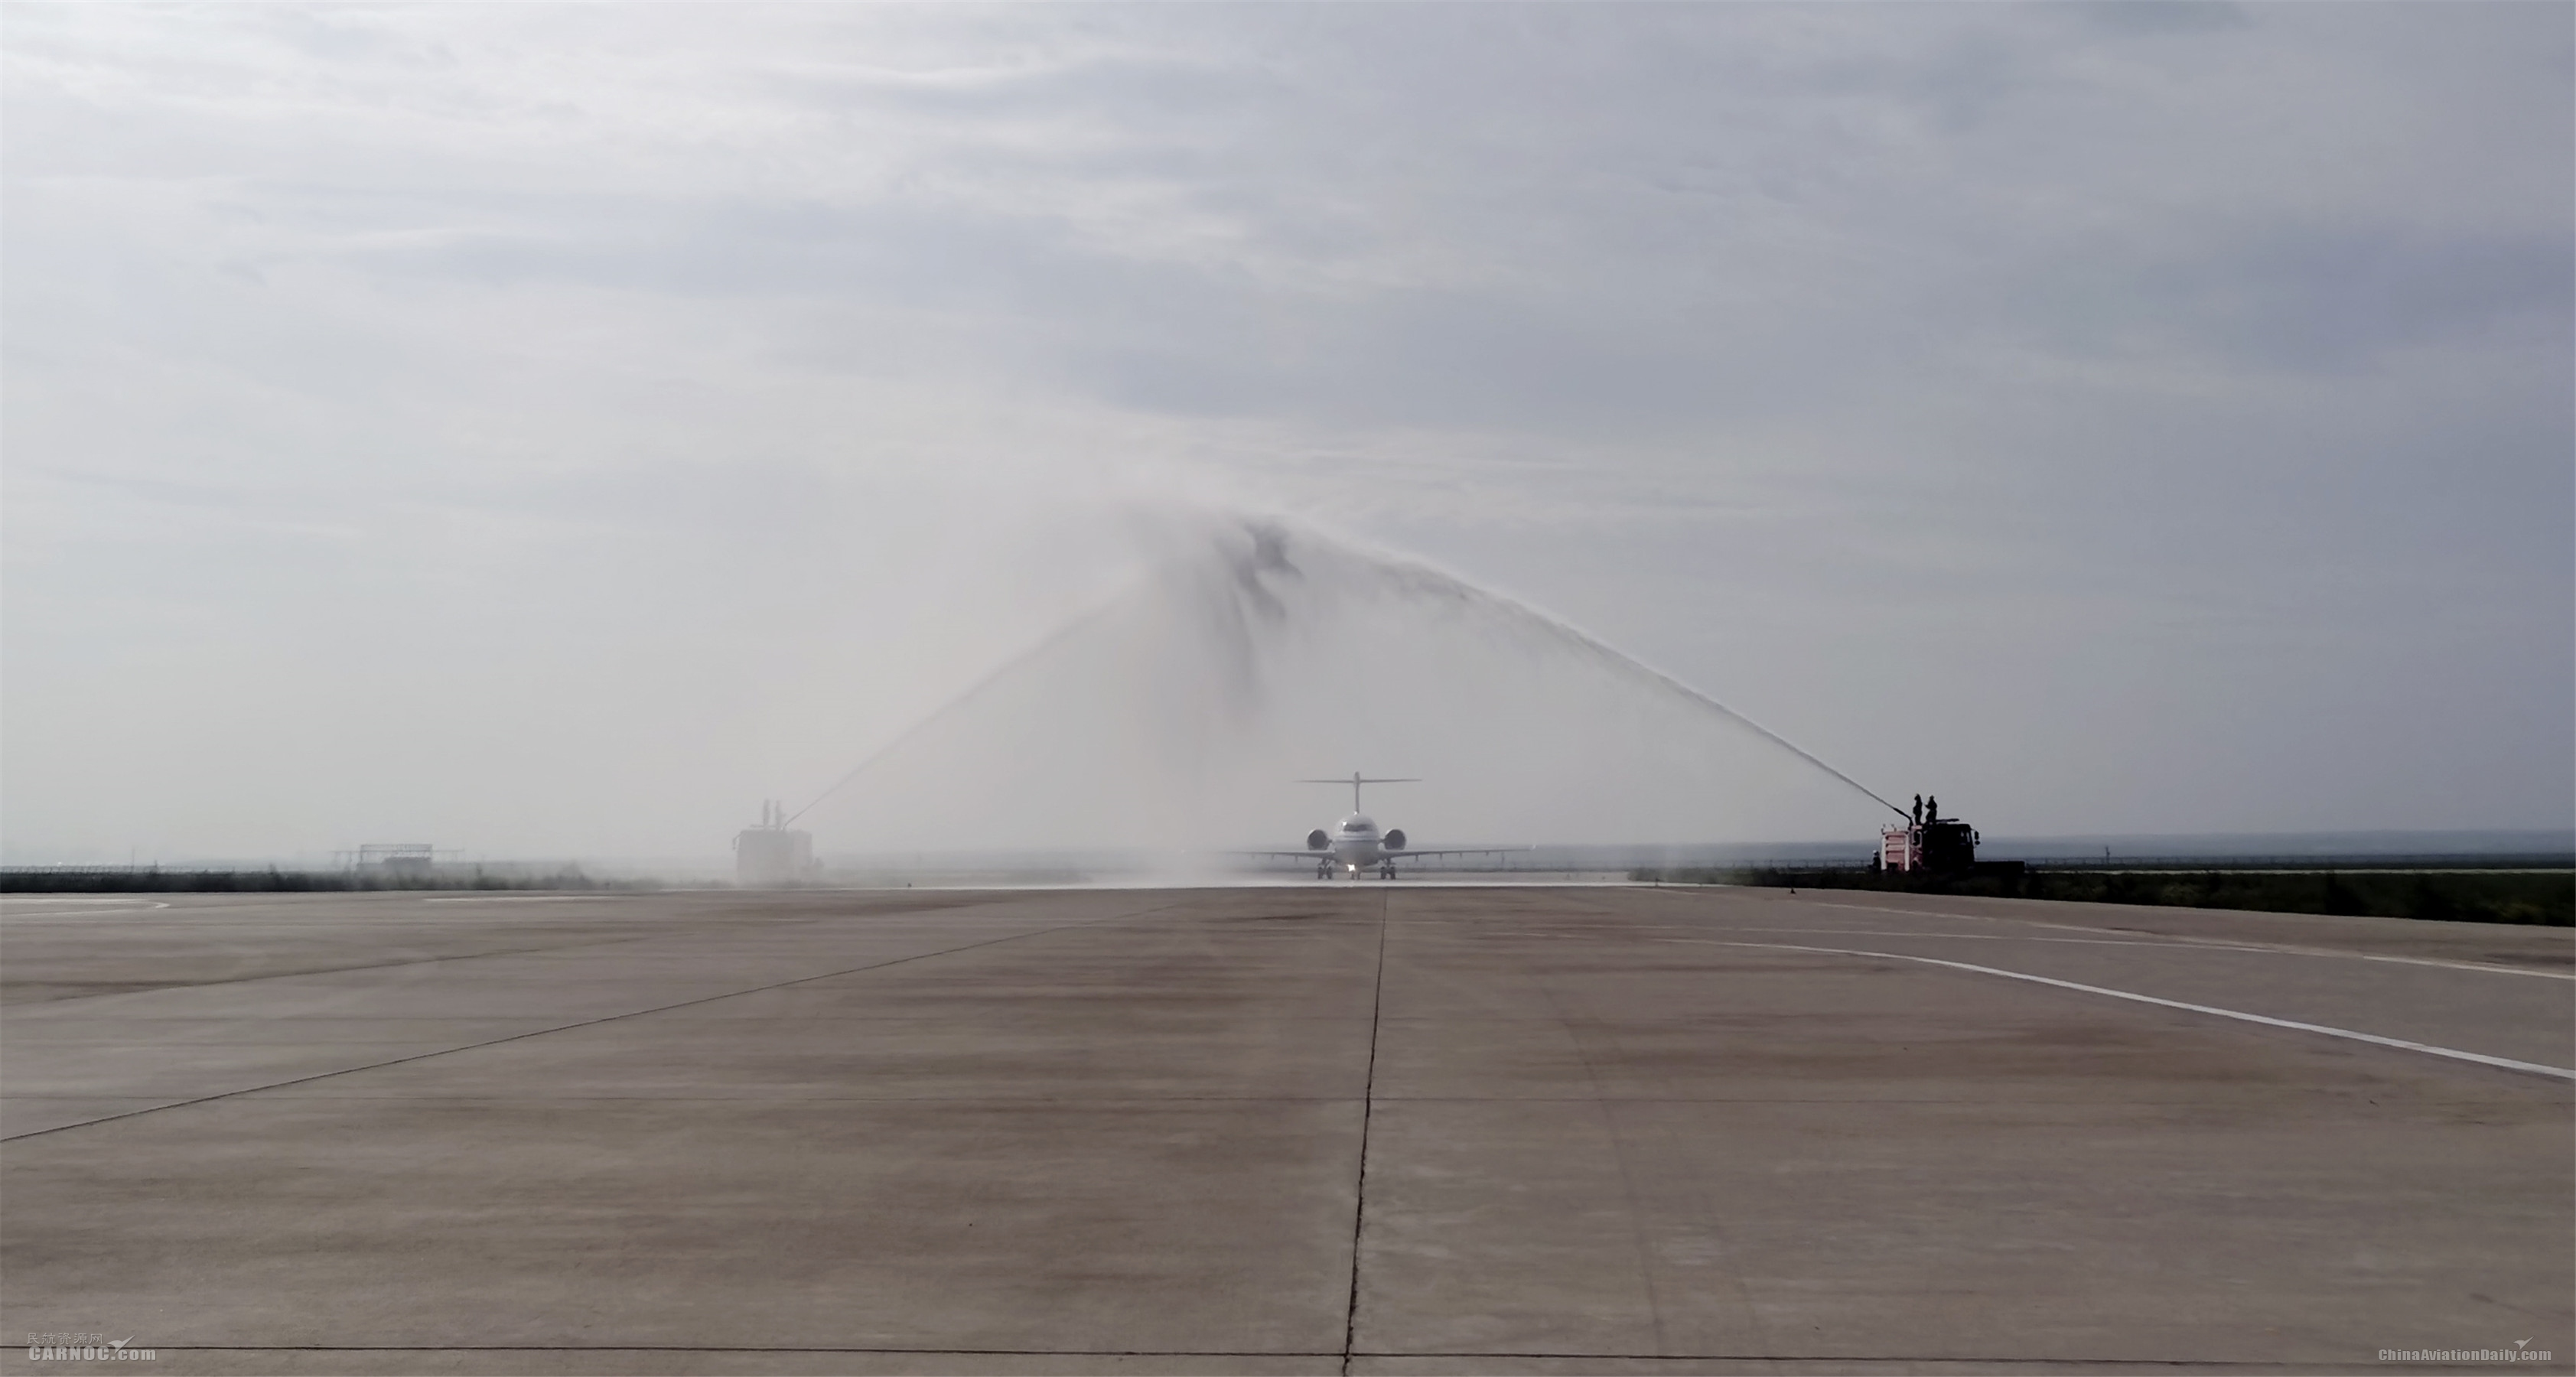 """5.飞机落地锡林浩特,当地机场用民航界最高礼遇""""过水门""""庆祝国航ARJ21飞机首航成功。陈灏摄"""